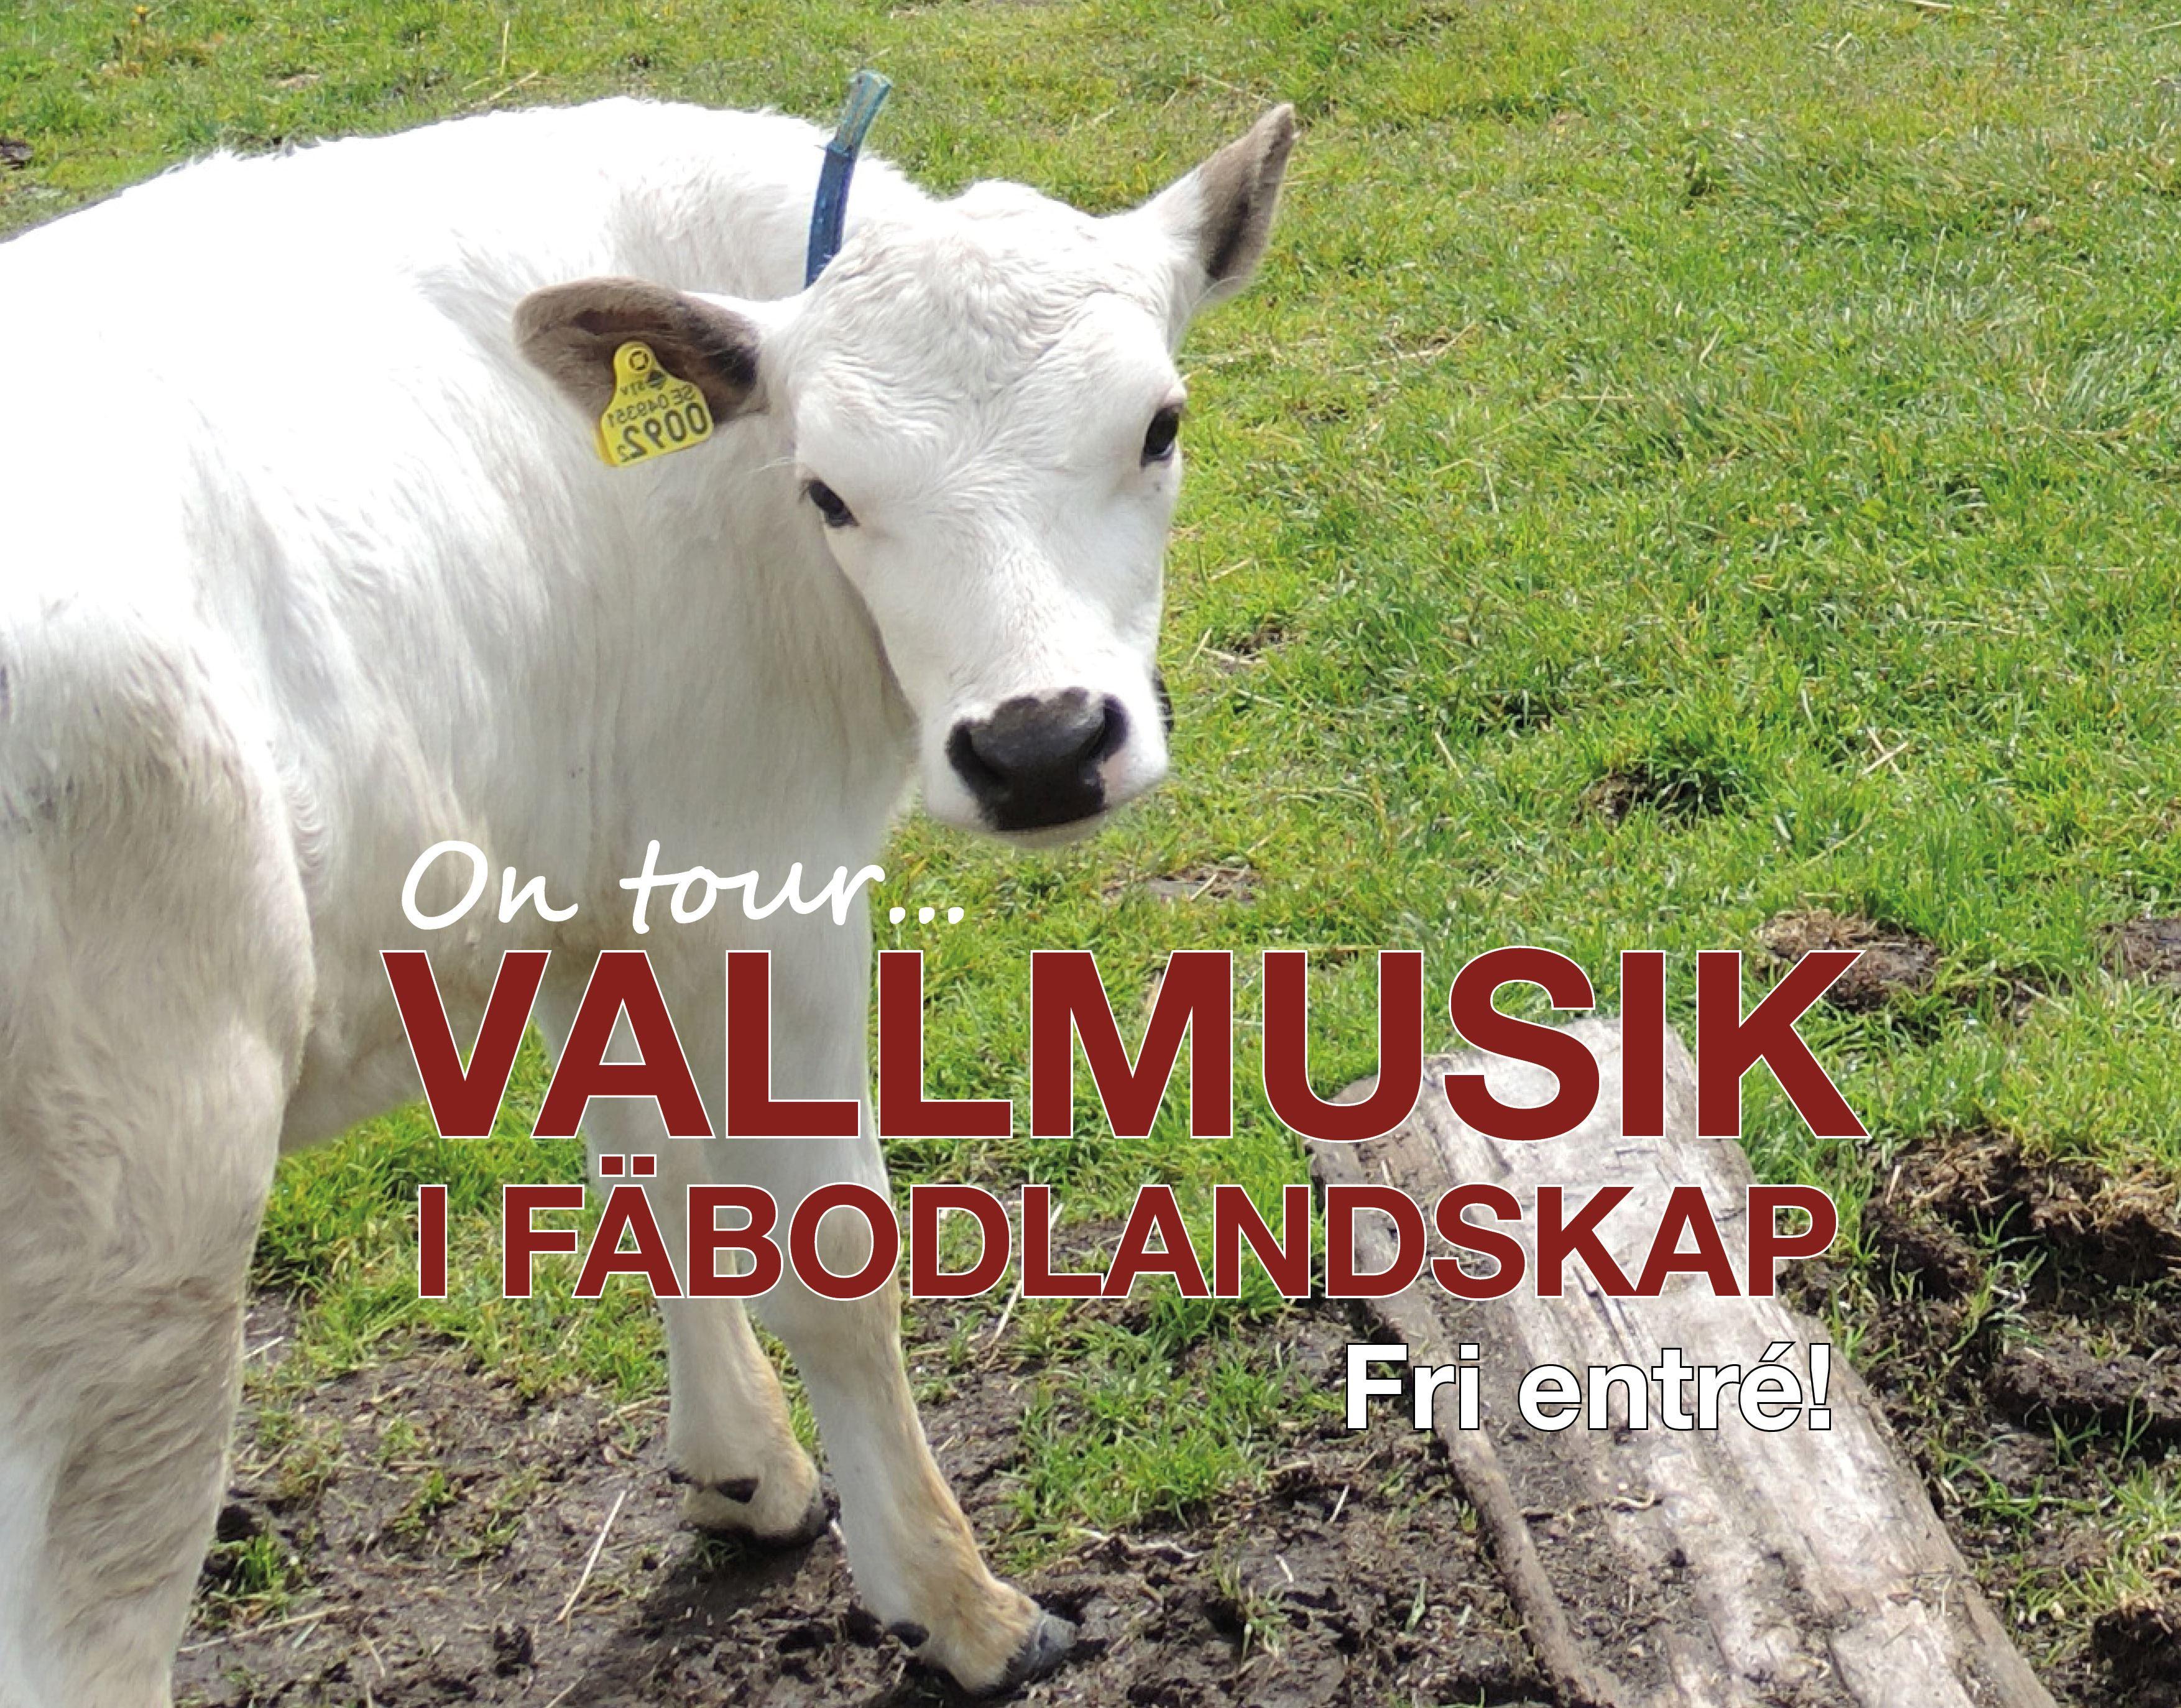 Vallmusik i Fäbolandskap - Brindberg, Älvdalen